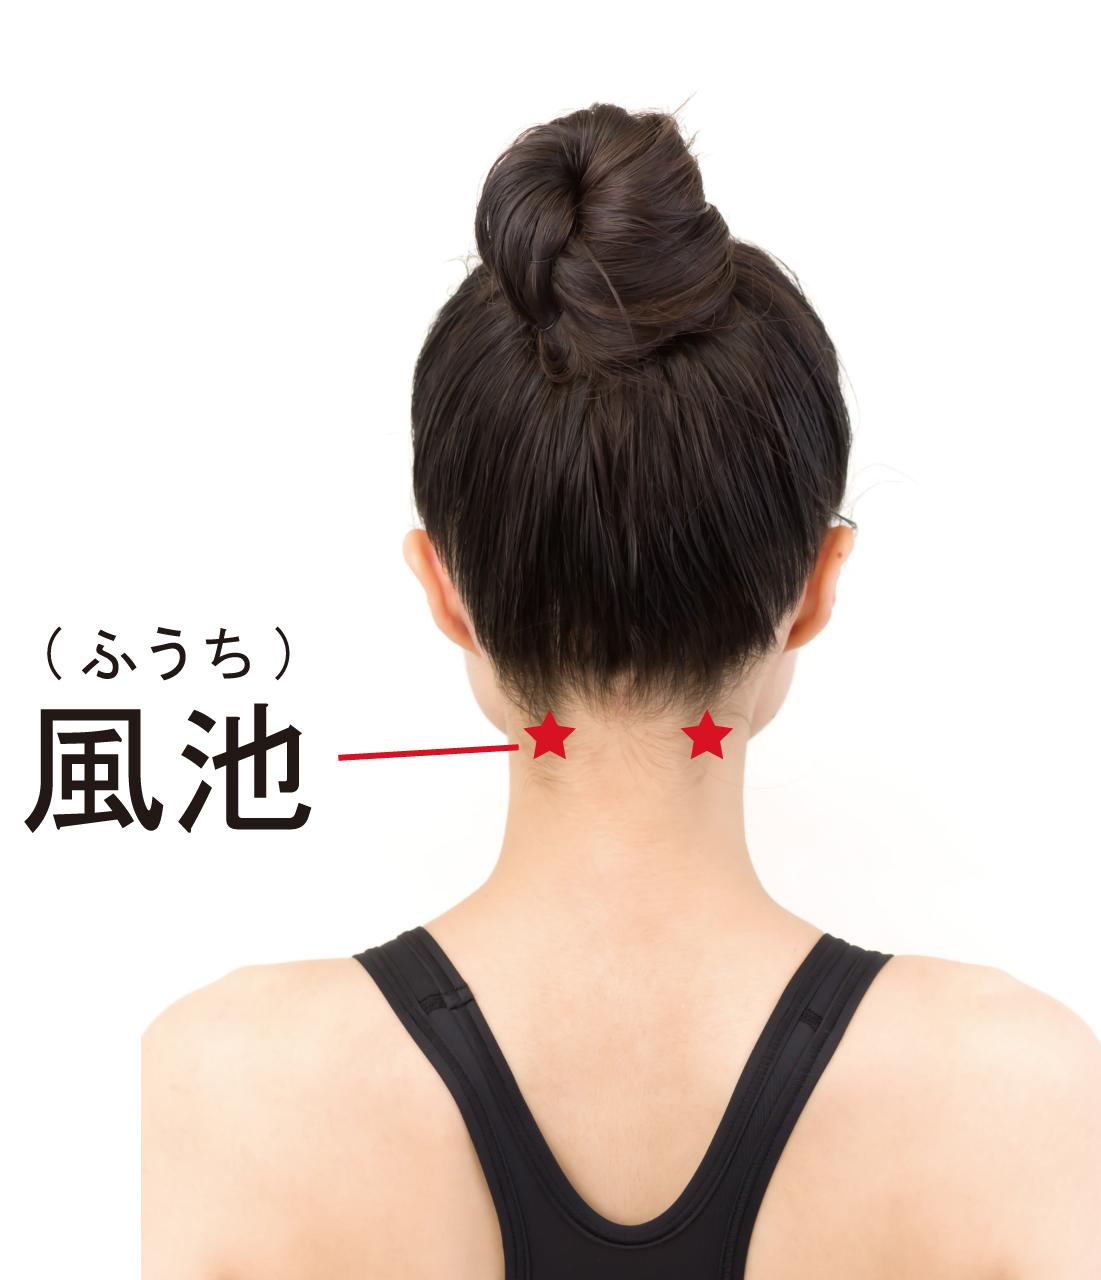 薄毛対策のツボ「風池(ふうち)」のツボの位置を記した女性の画像